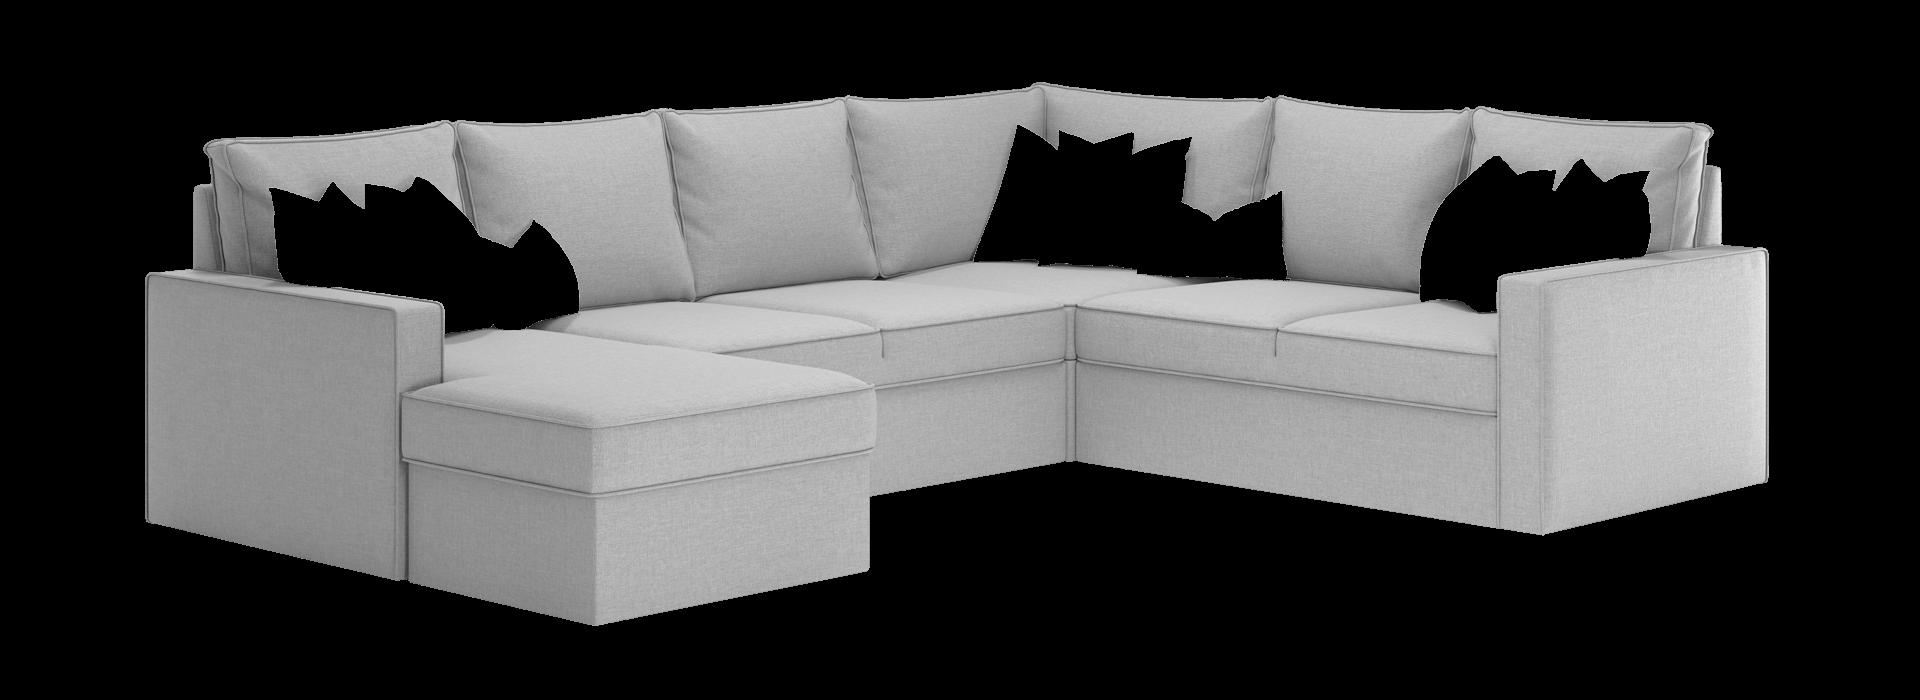 Лінкольн С модульний кутовий диван - маска 2